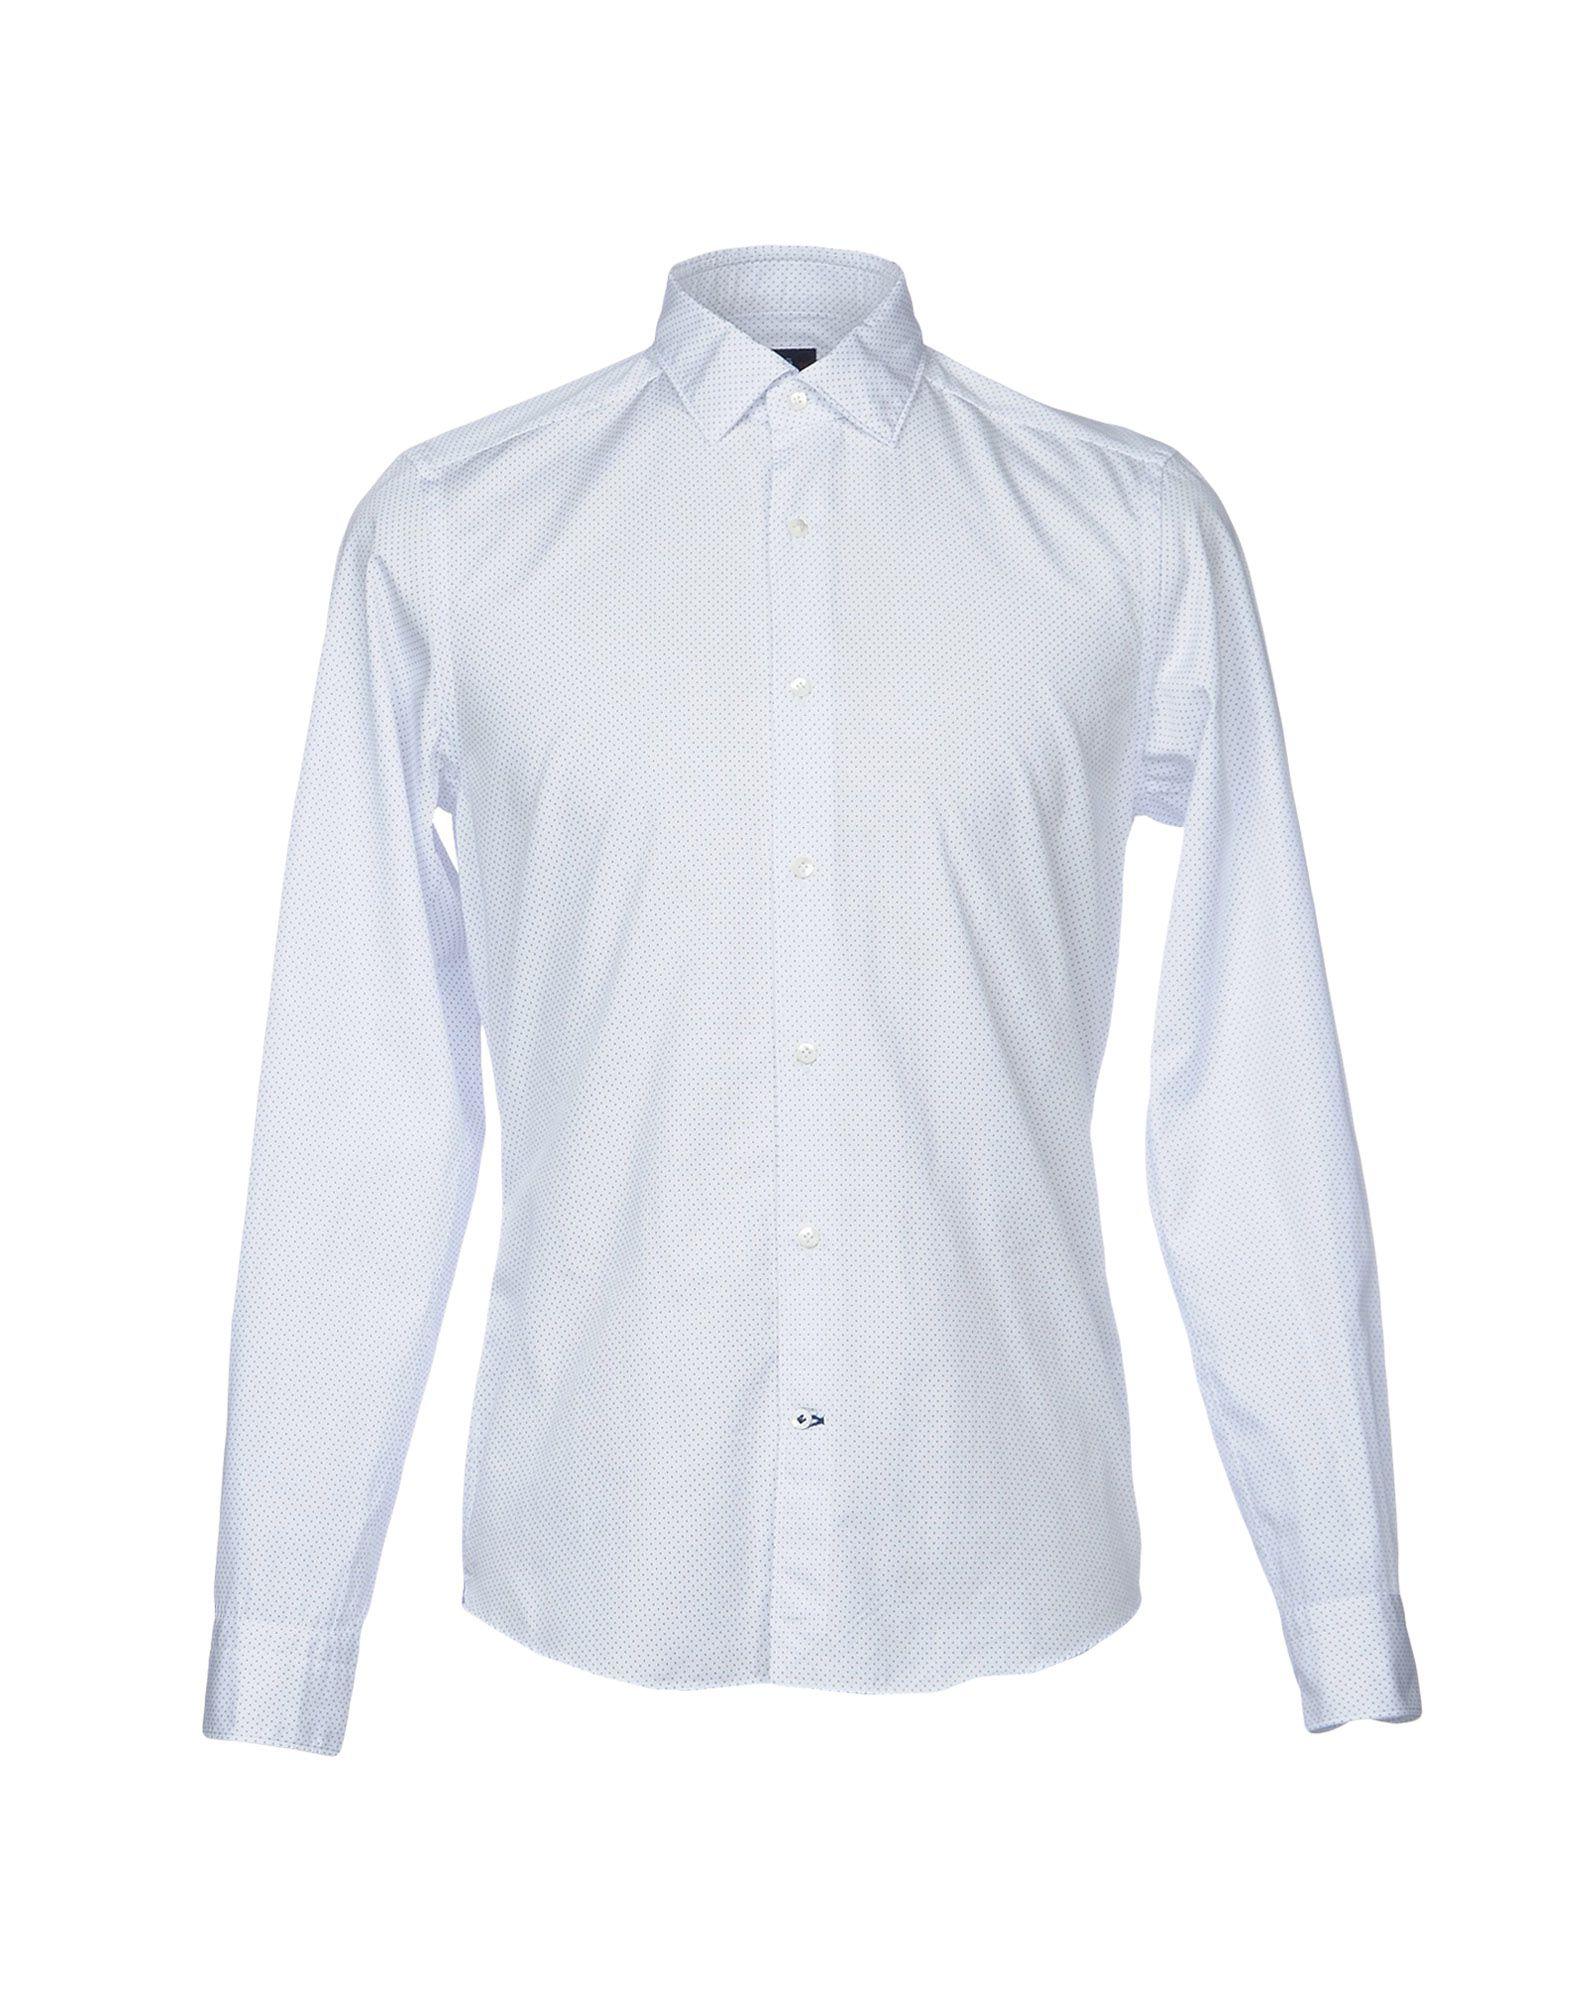 TRUZZI Herren Hemd Farbe Weiß Größe 4